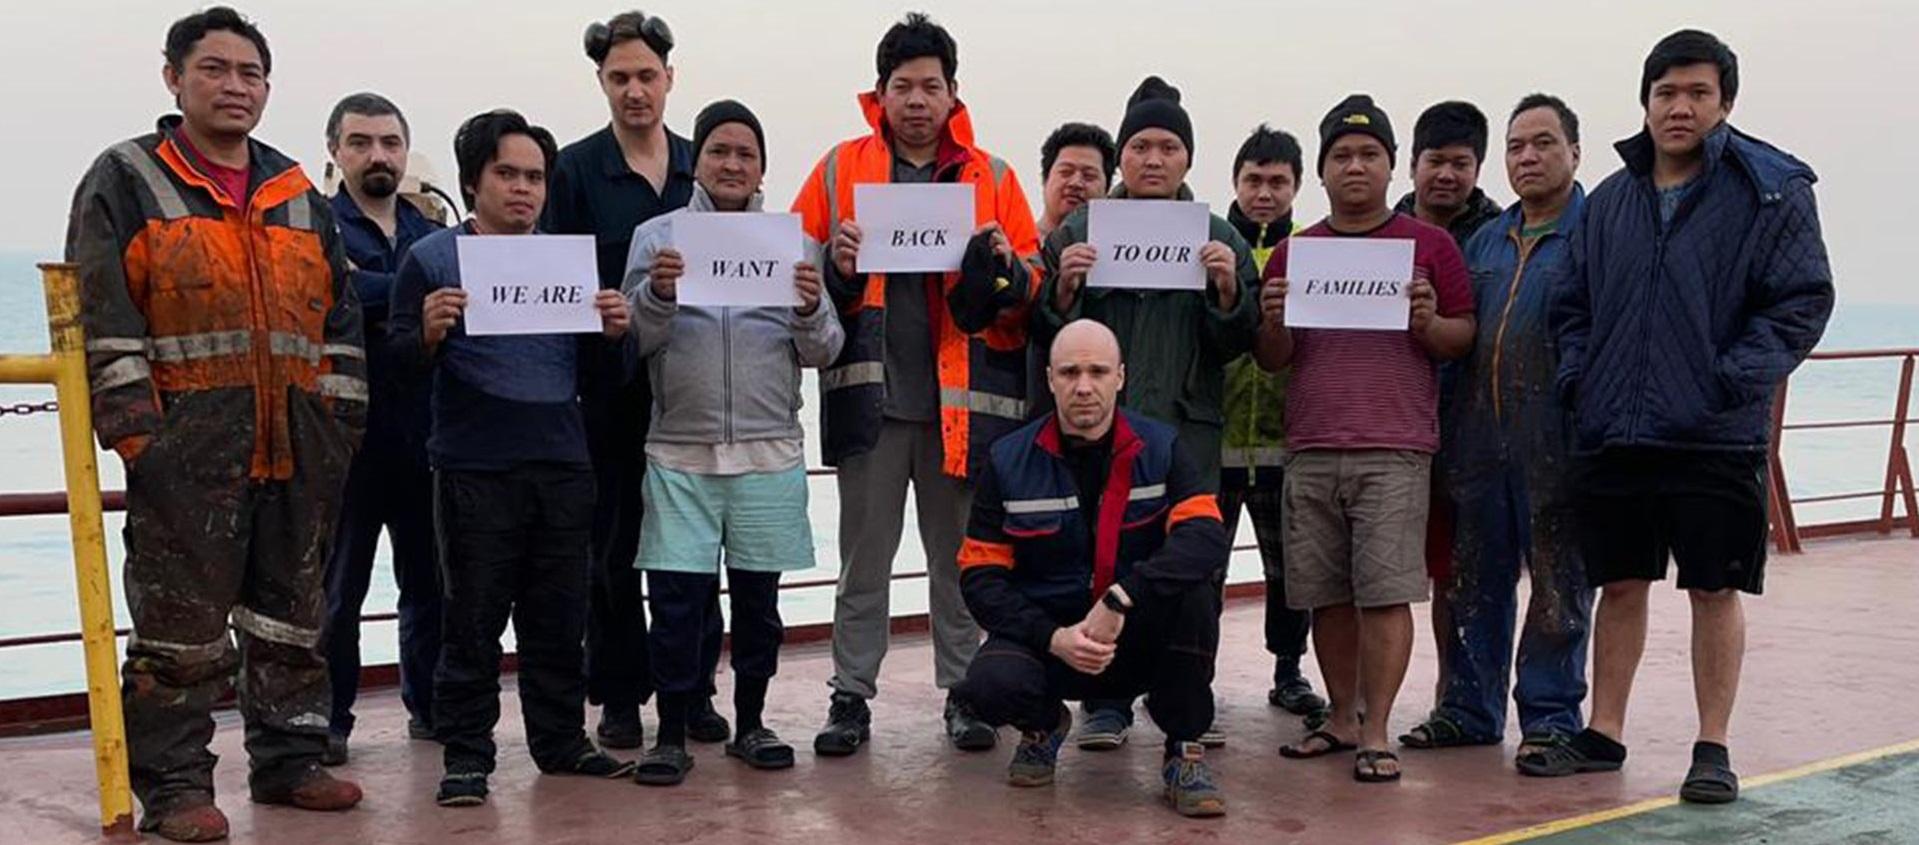 Os efeitos psicológicos da COVID-19 nos profissionais do mar